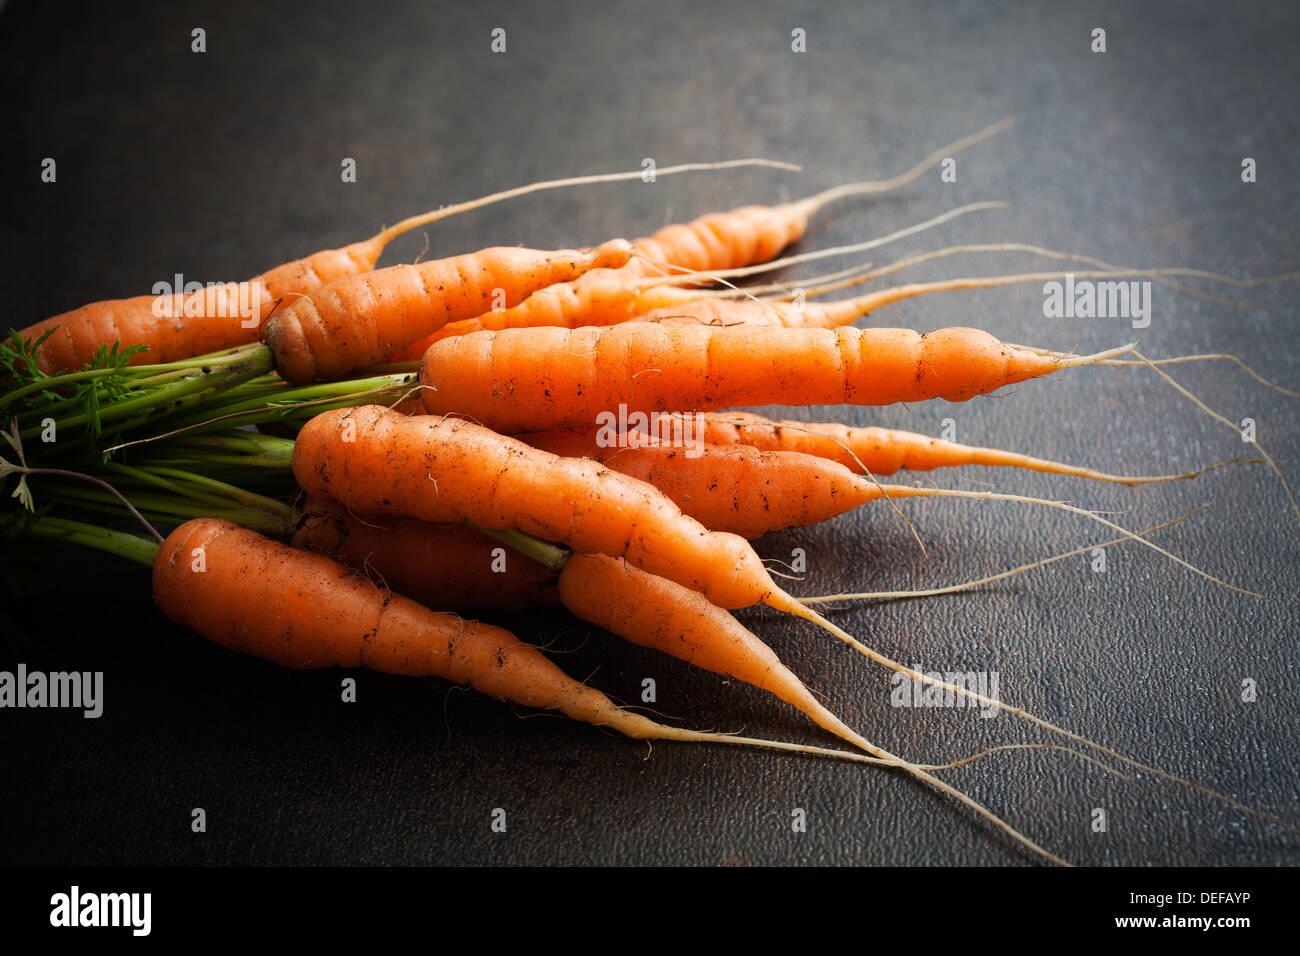 Mazzo di carote fresche su sfondo scuro Foto Stock